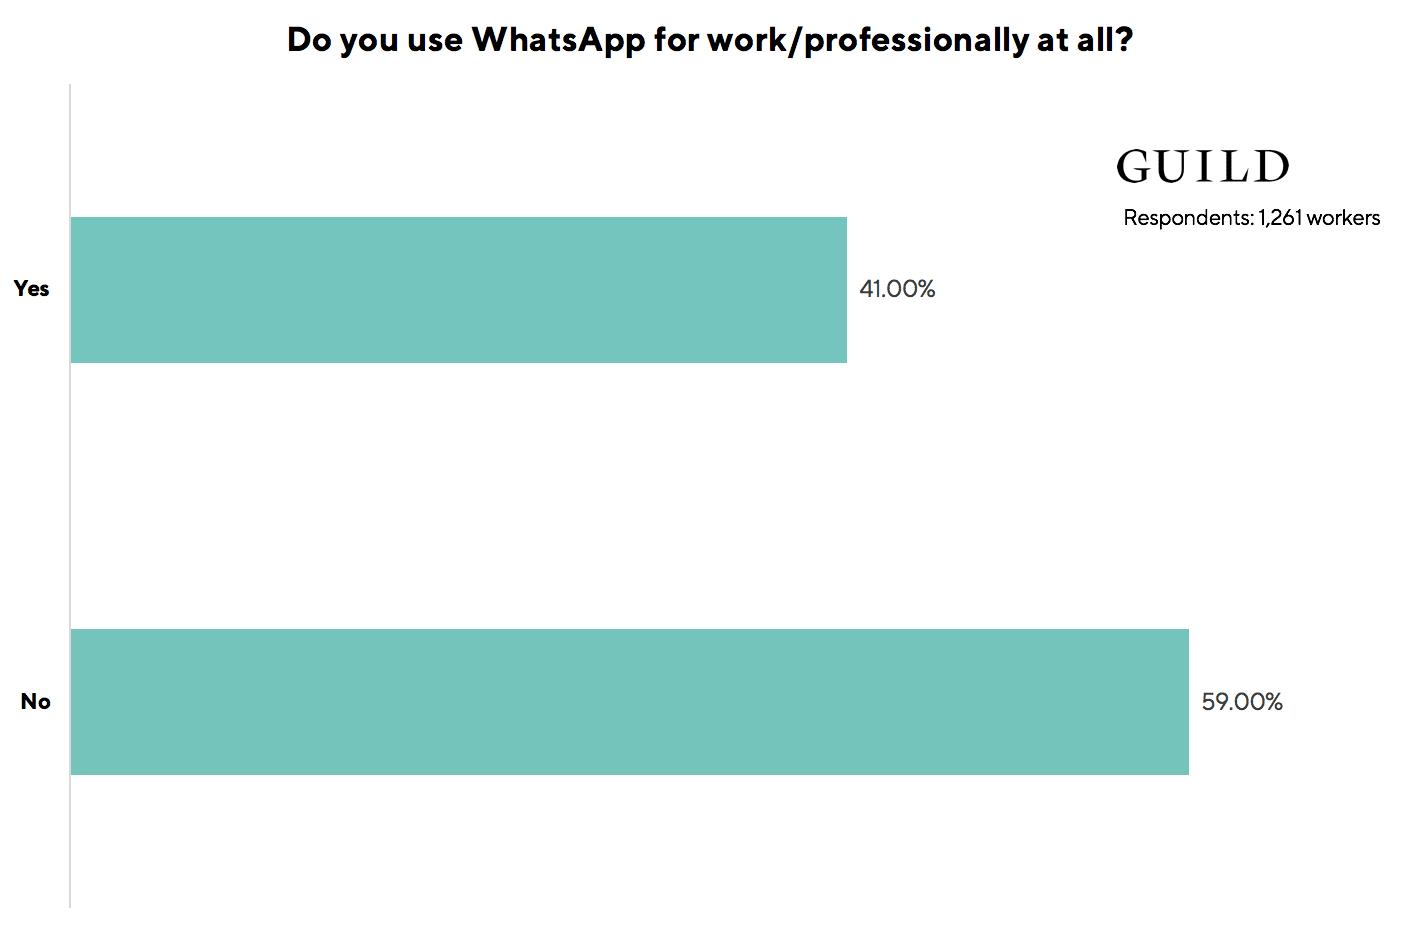 WhatsApp research data professional use UK